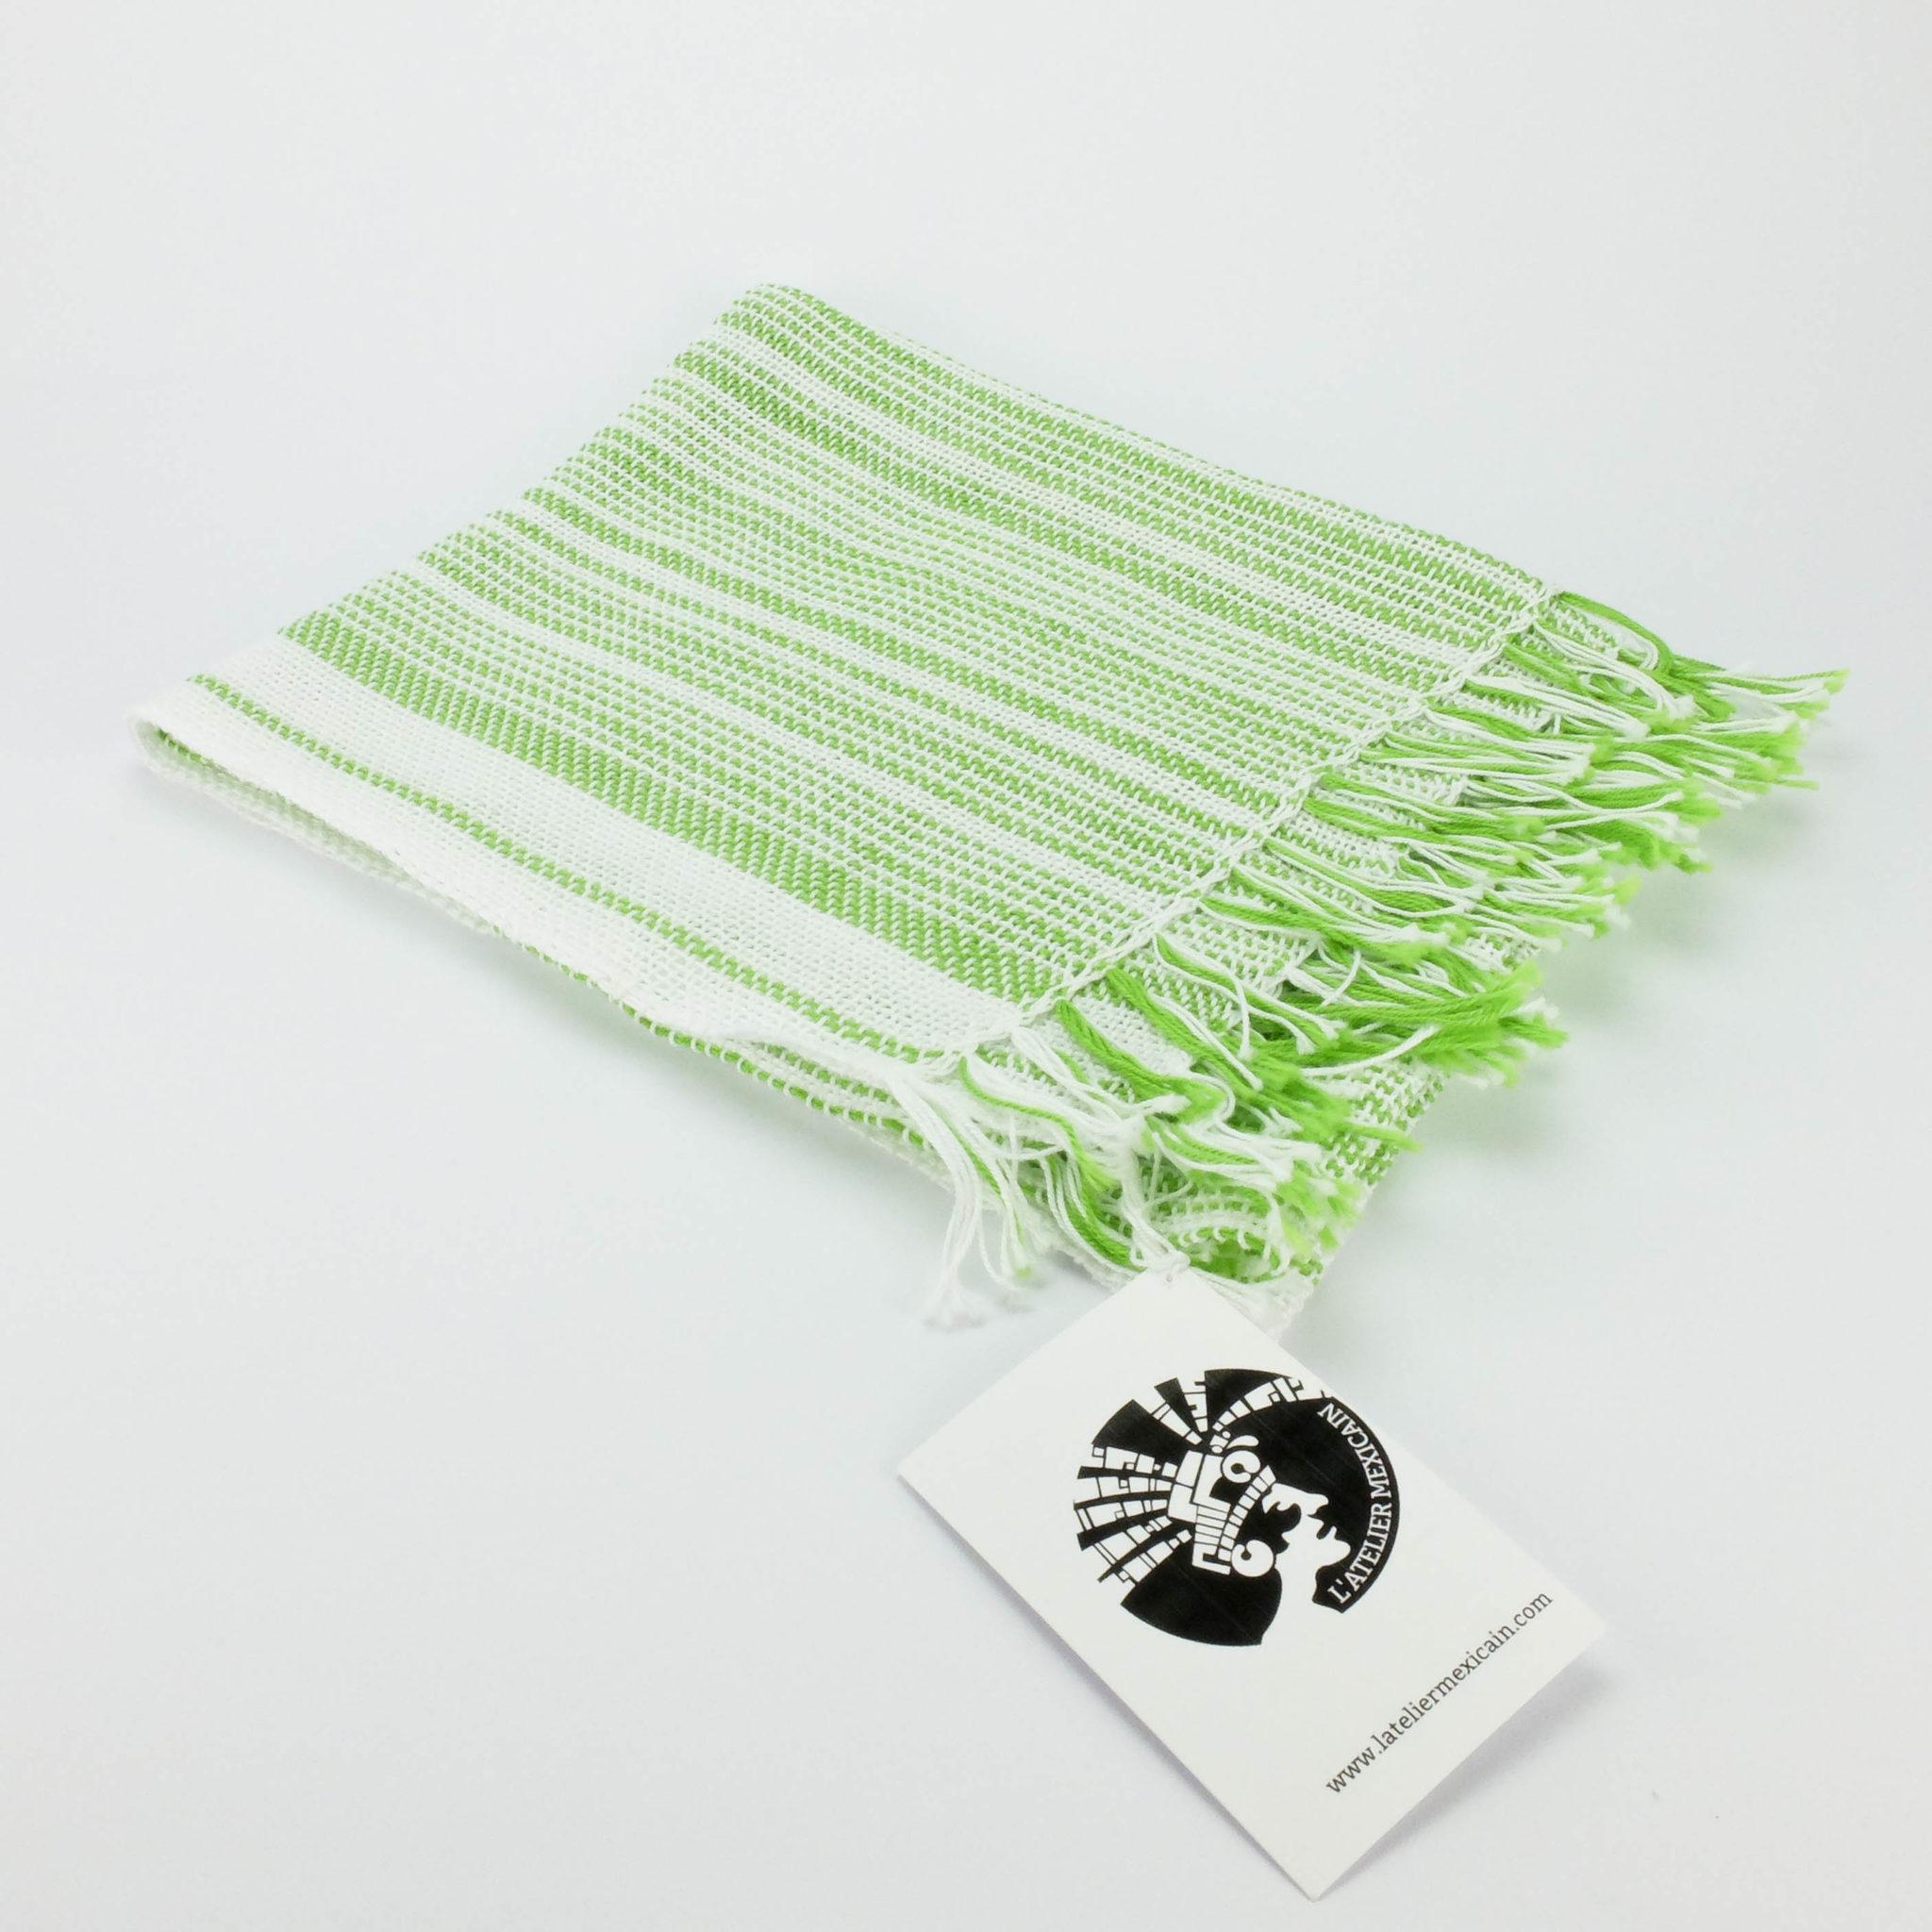 Foulard d été tissé main - Blanc et vert mexicain - Le Marché Super 3f805c98d47